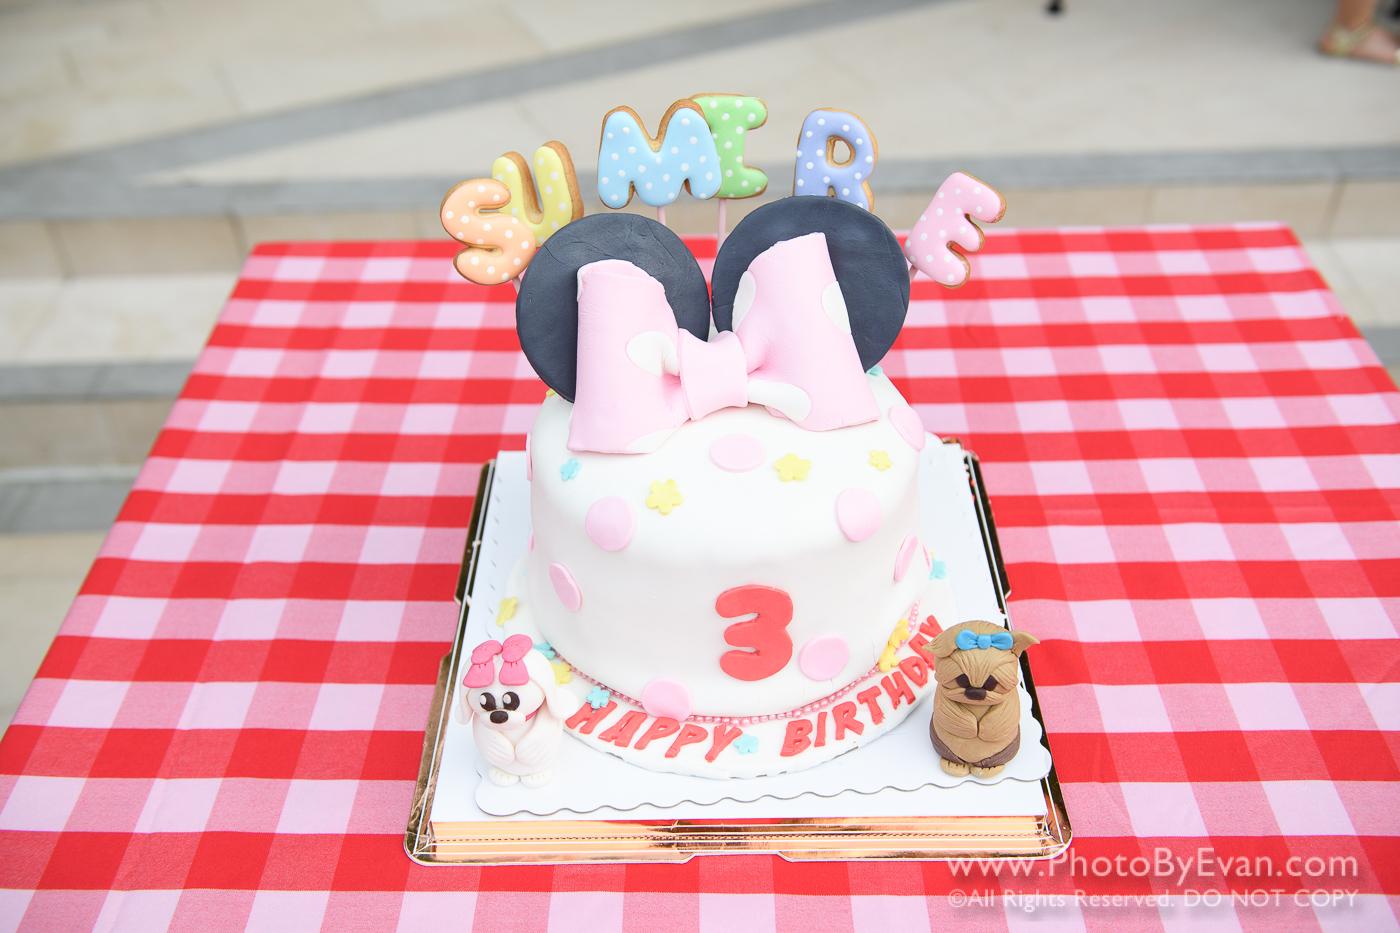 生日會,戶外派對,party,party photography, party 攝影, 生日會攝影